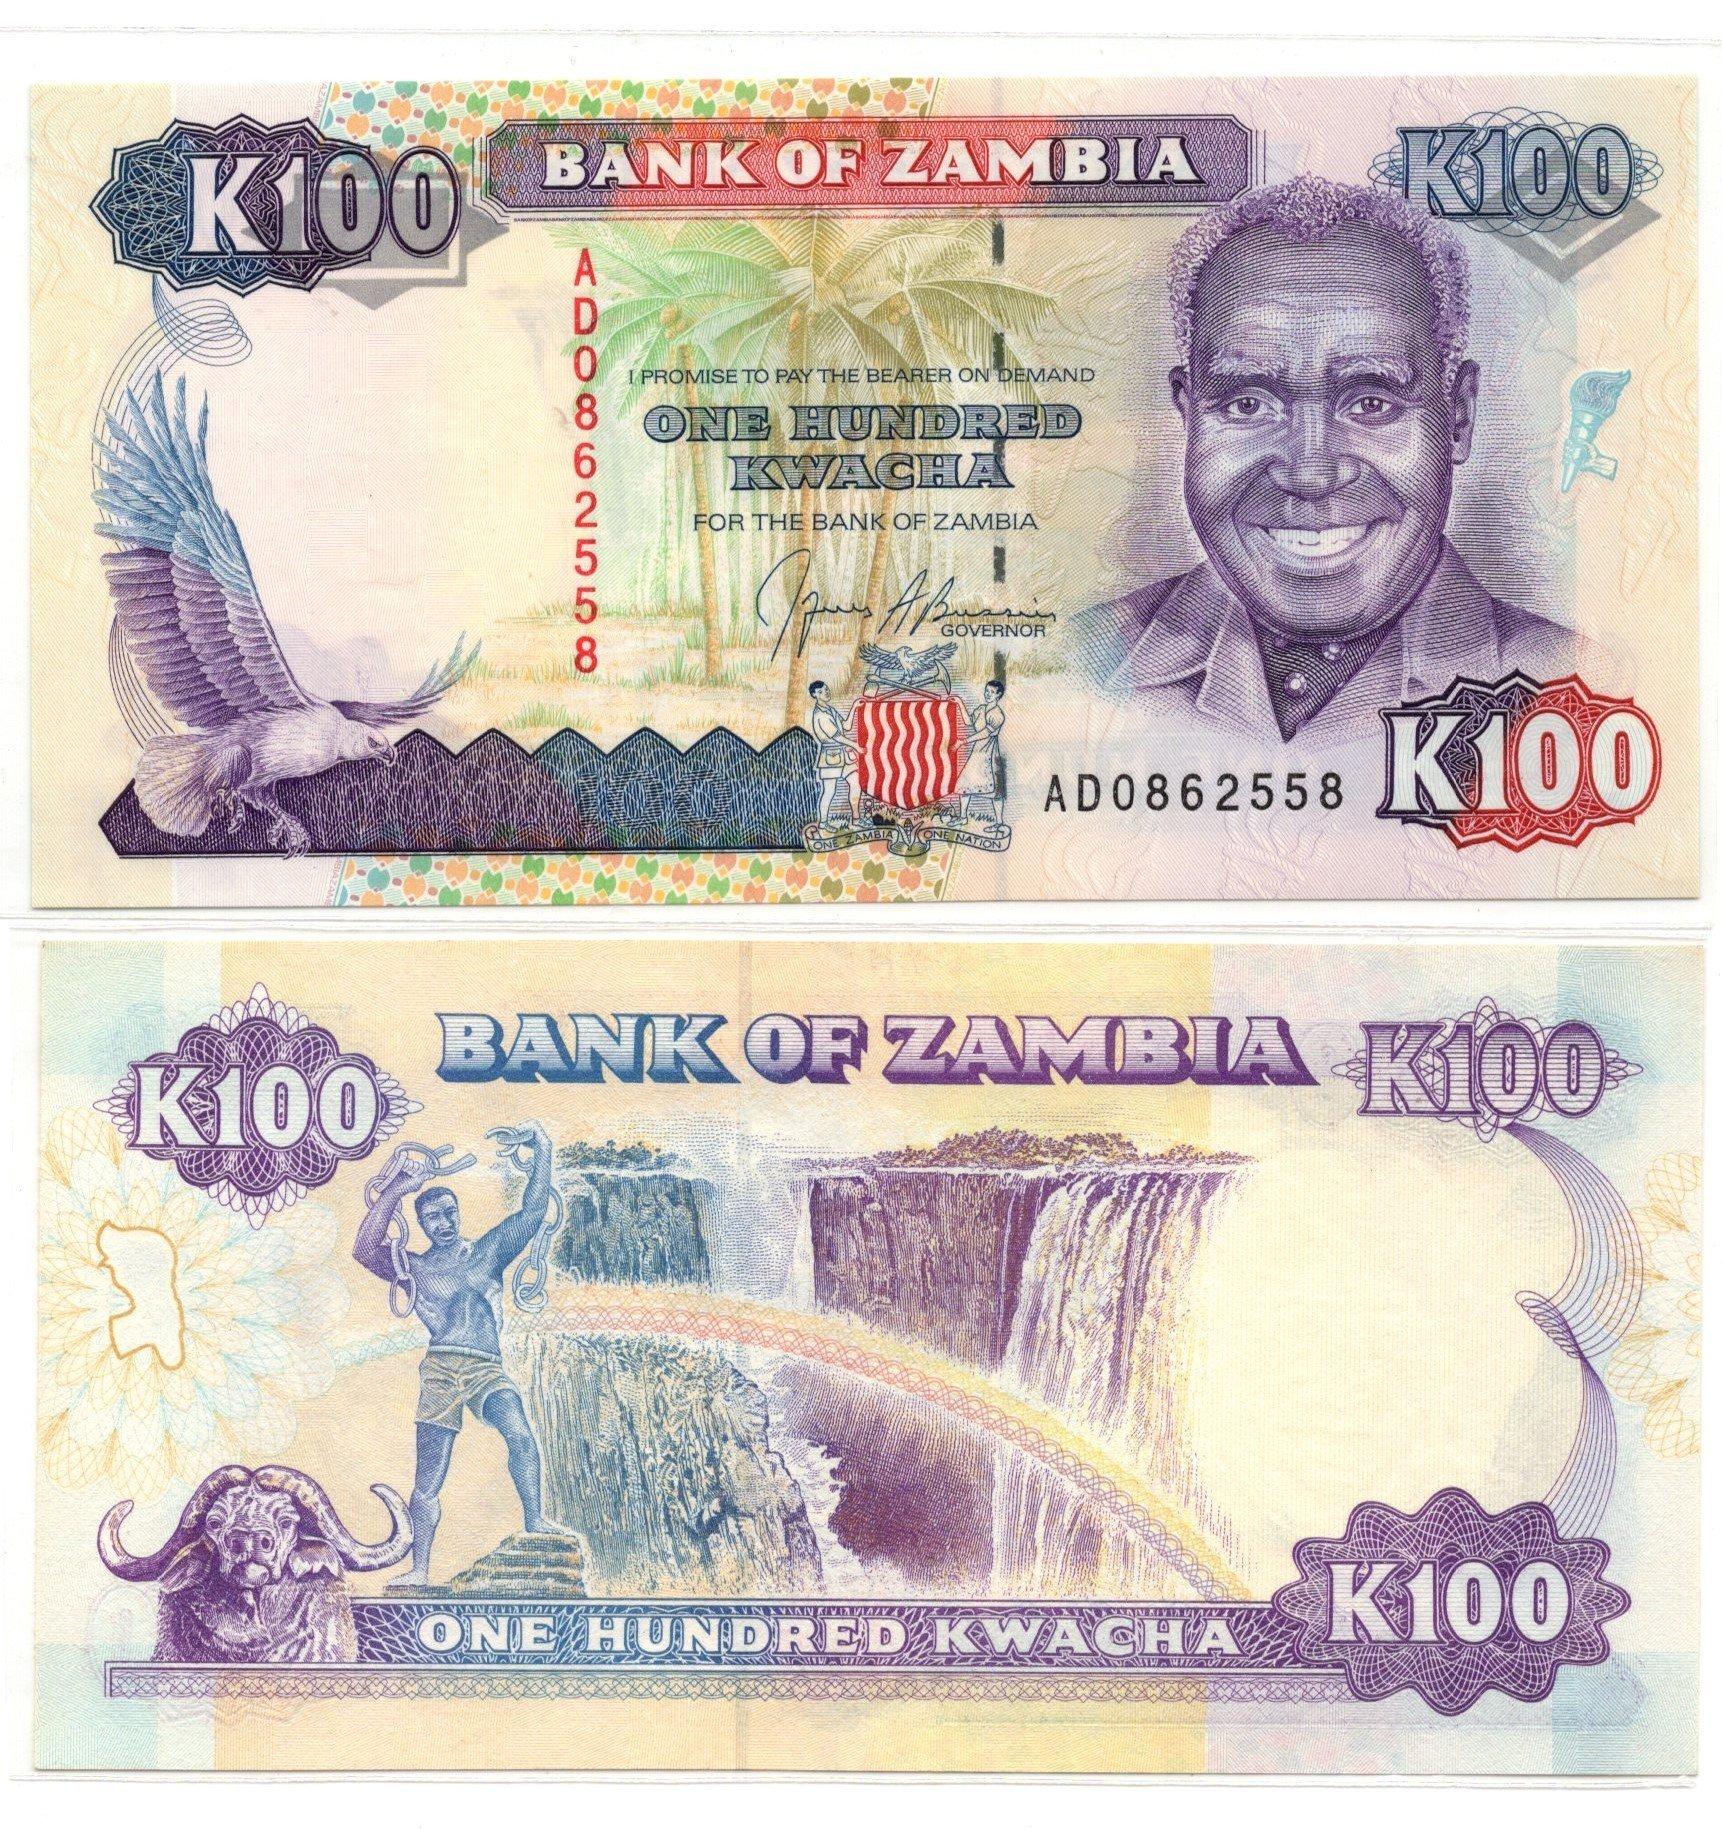 Zambia 100 kwacha banknote sale